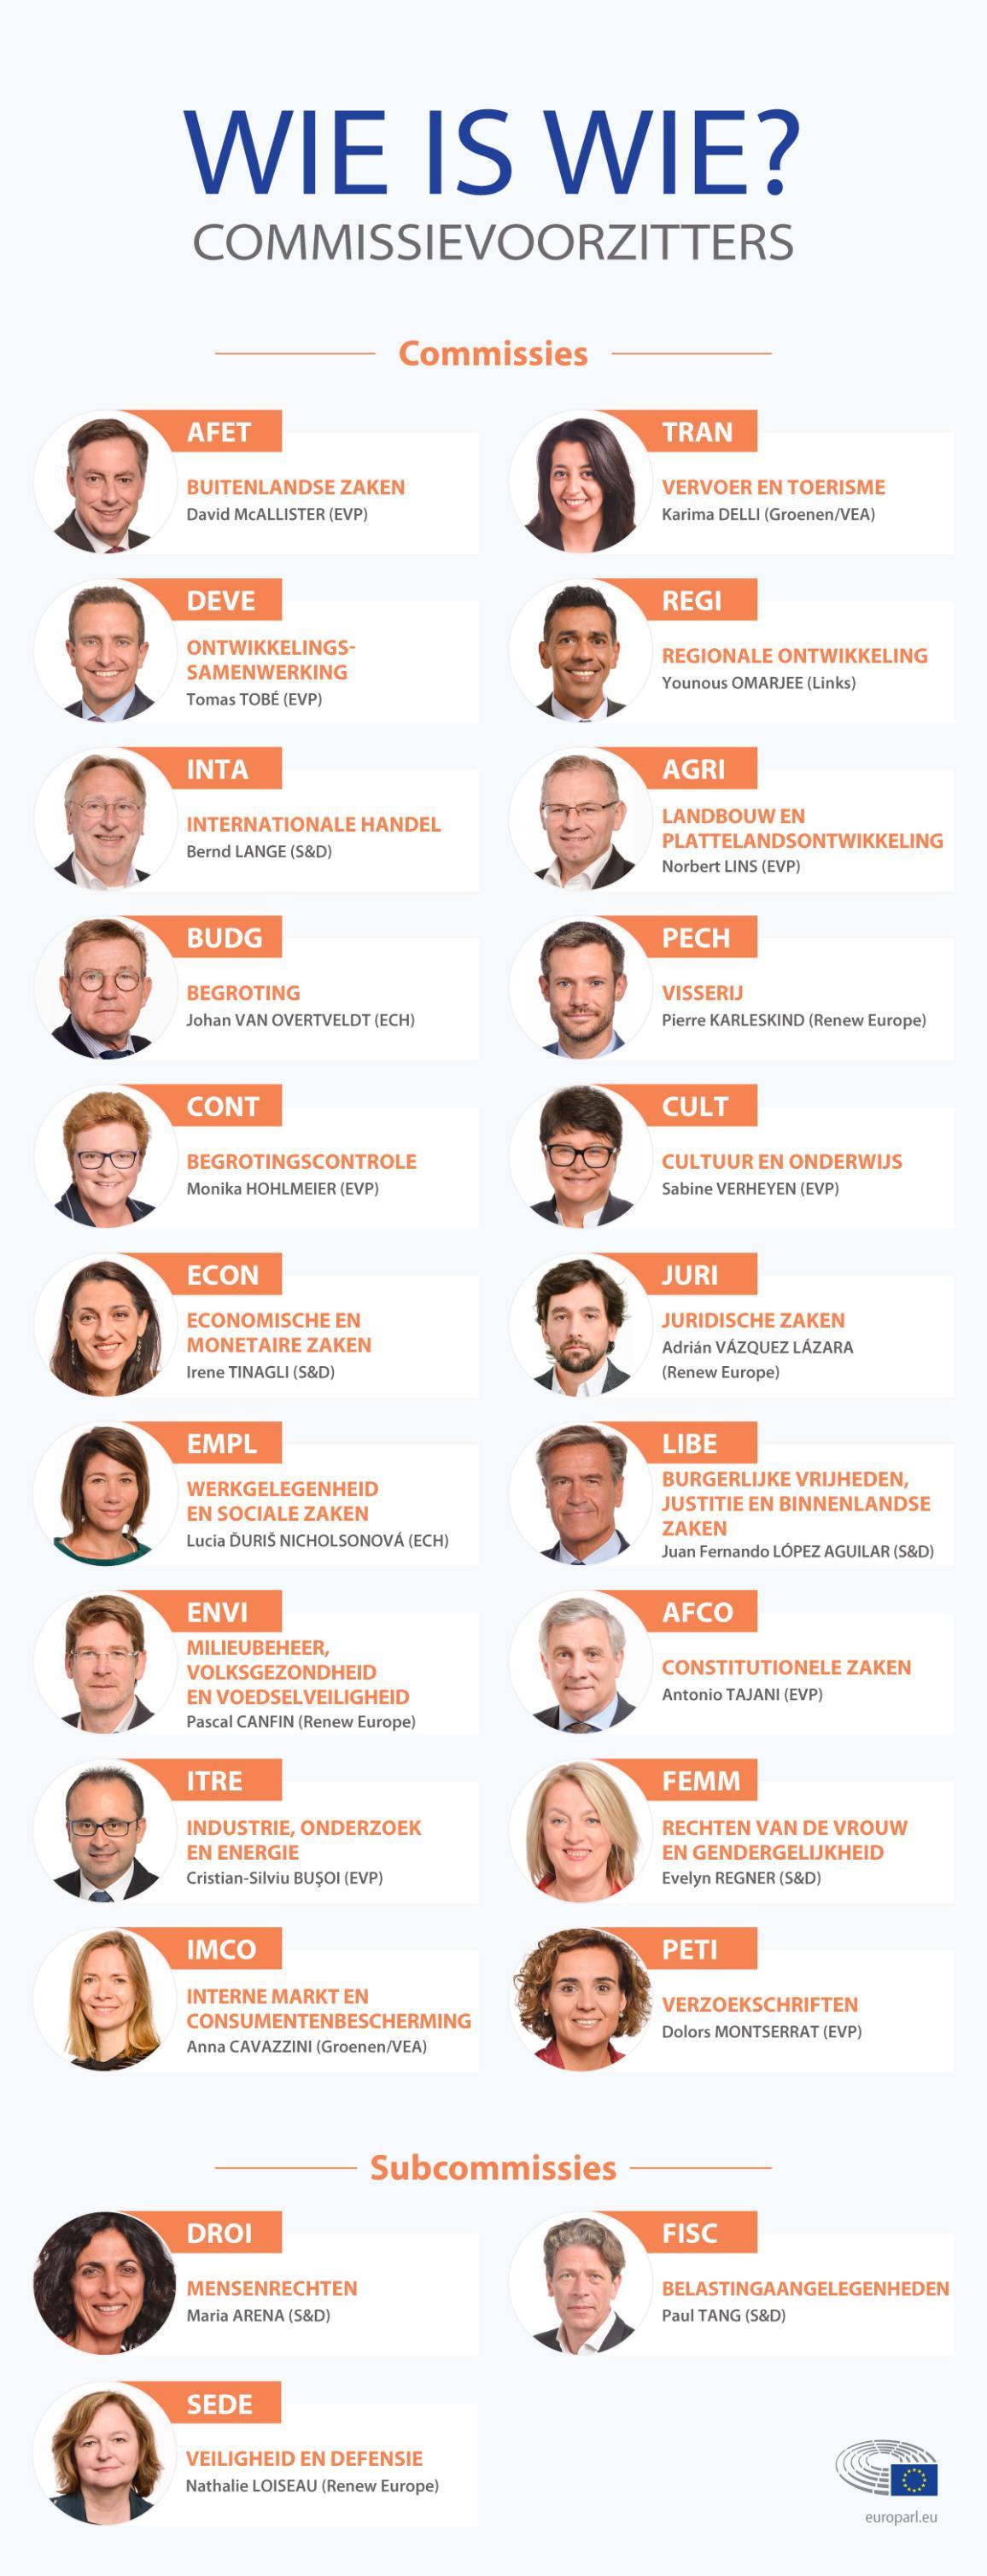 Overzicht van de verschillende commissievoorzitters